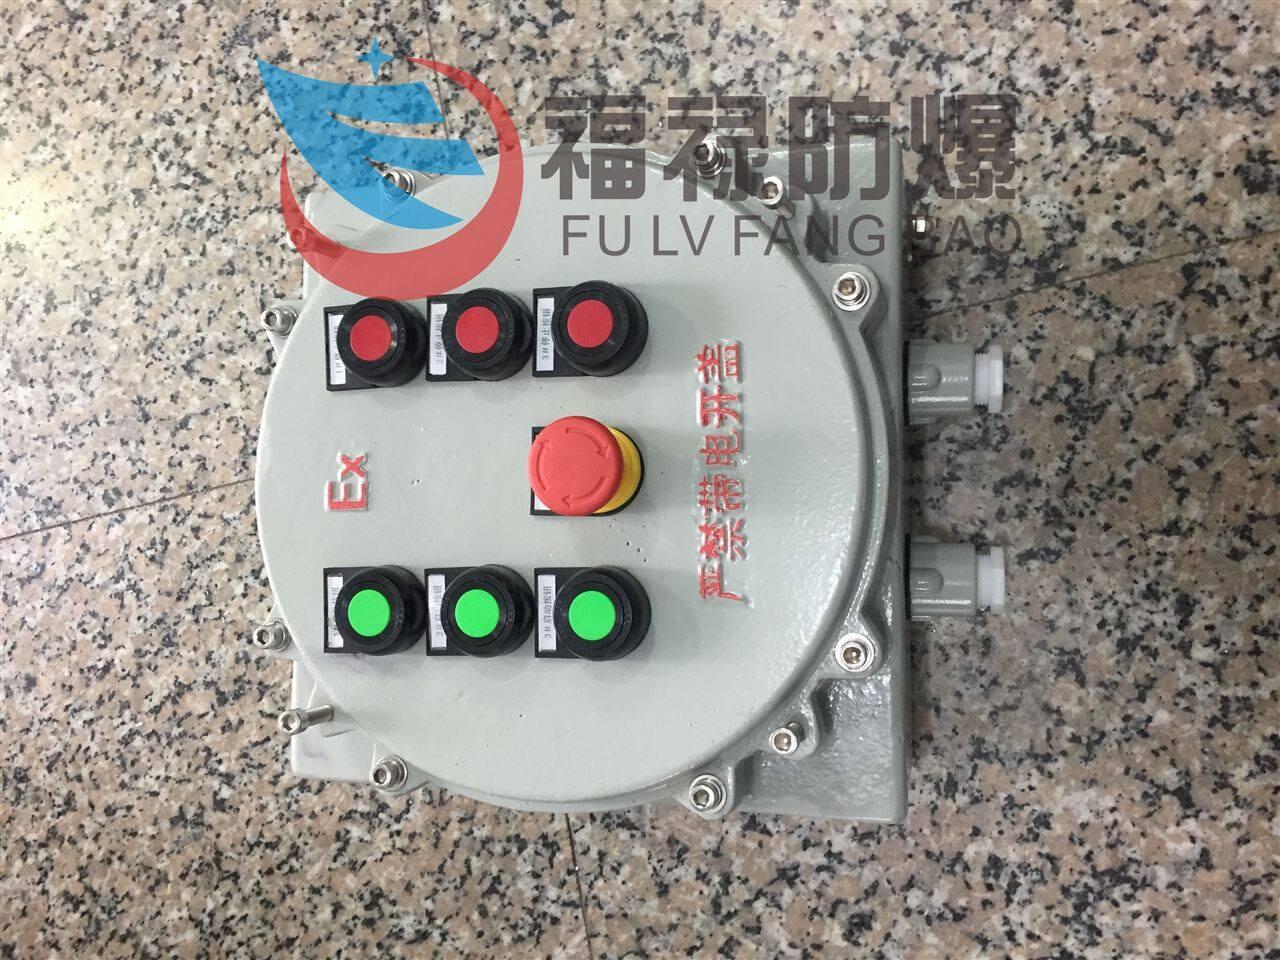 停止,正反转操作;现场机旁防爆操作柱装有电流表,信号灯的操作柱还可